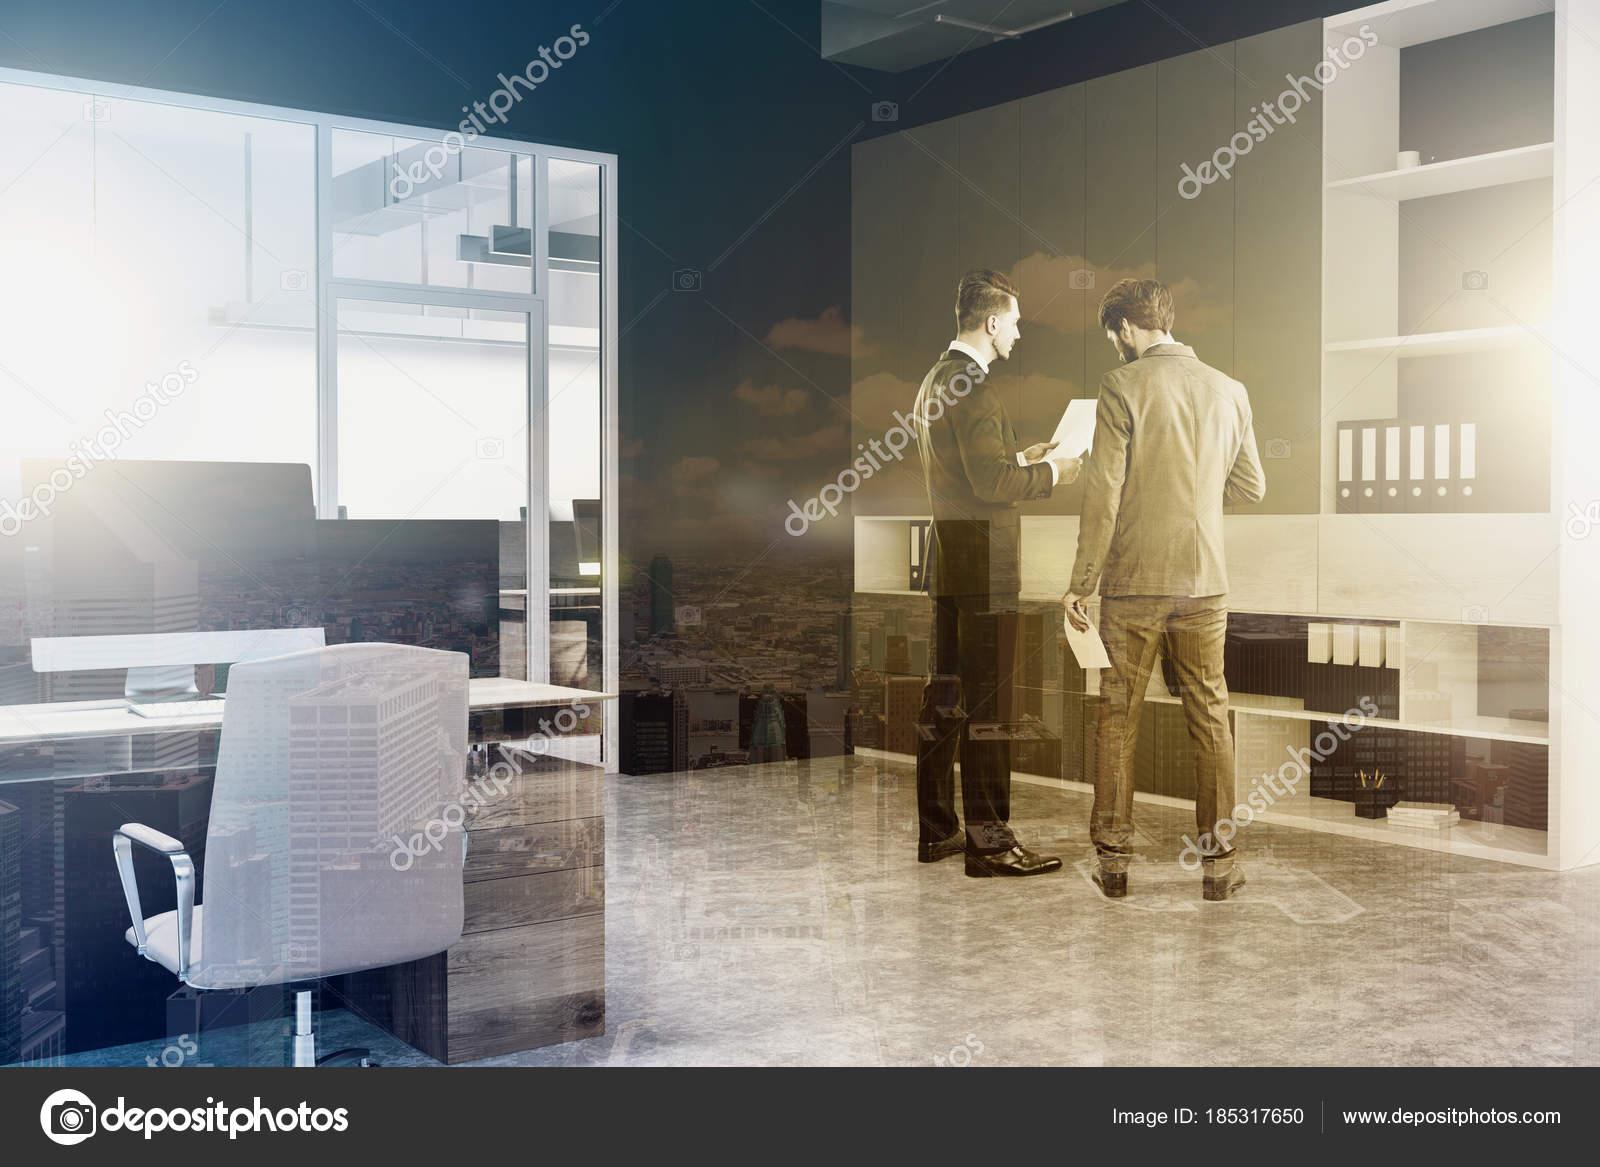 de hoek van de moderne kantoor met rijen houten computer desks zwarte muren en een betonnen vloer een boekenkast in de hoek mensen uit het bedrijfsleven